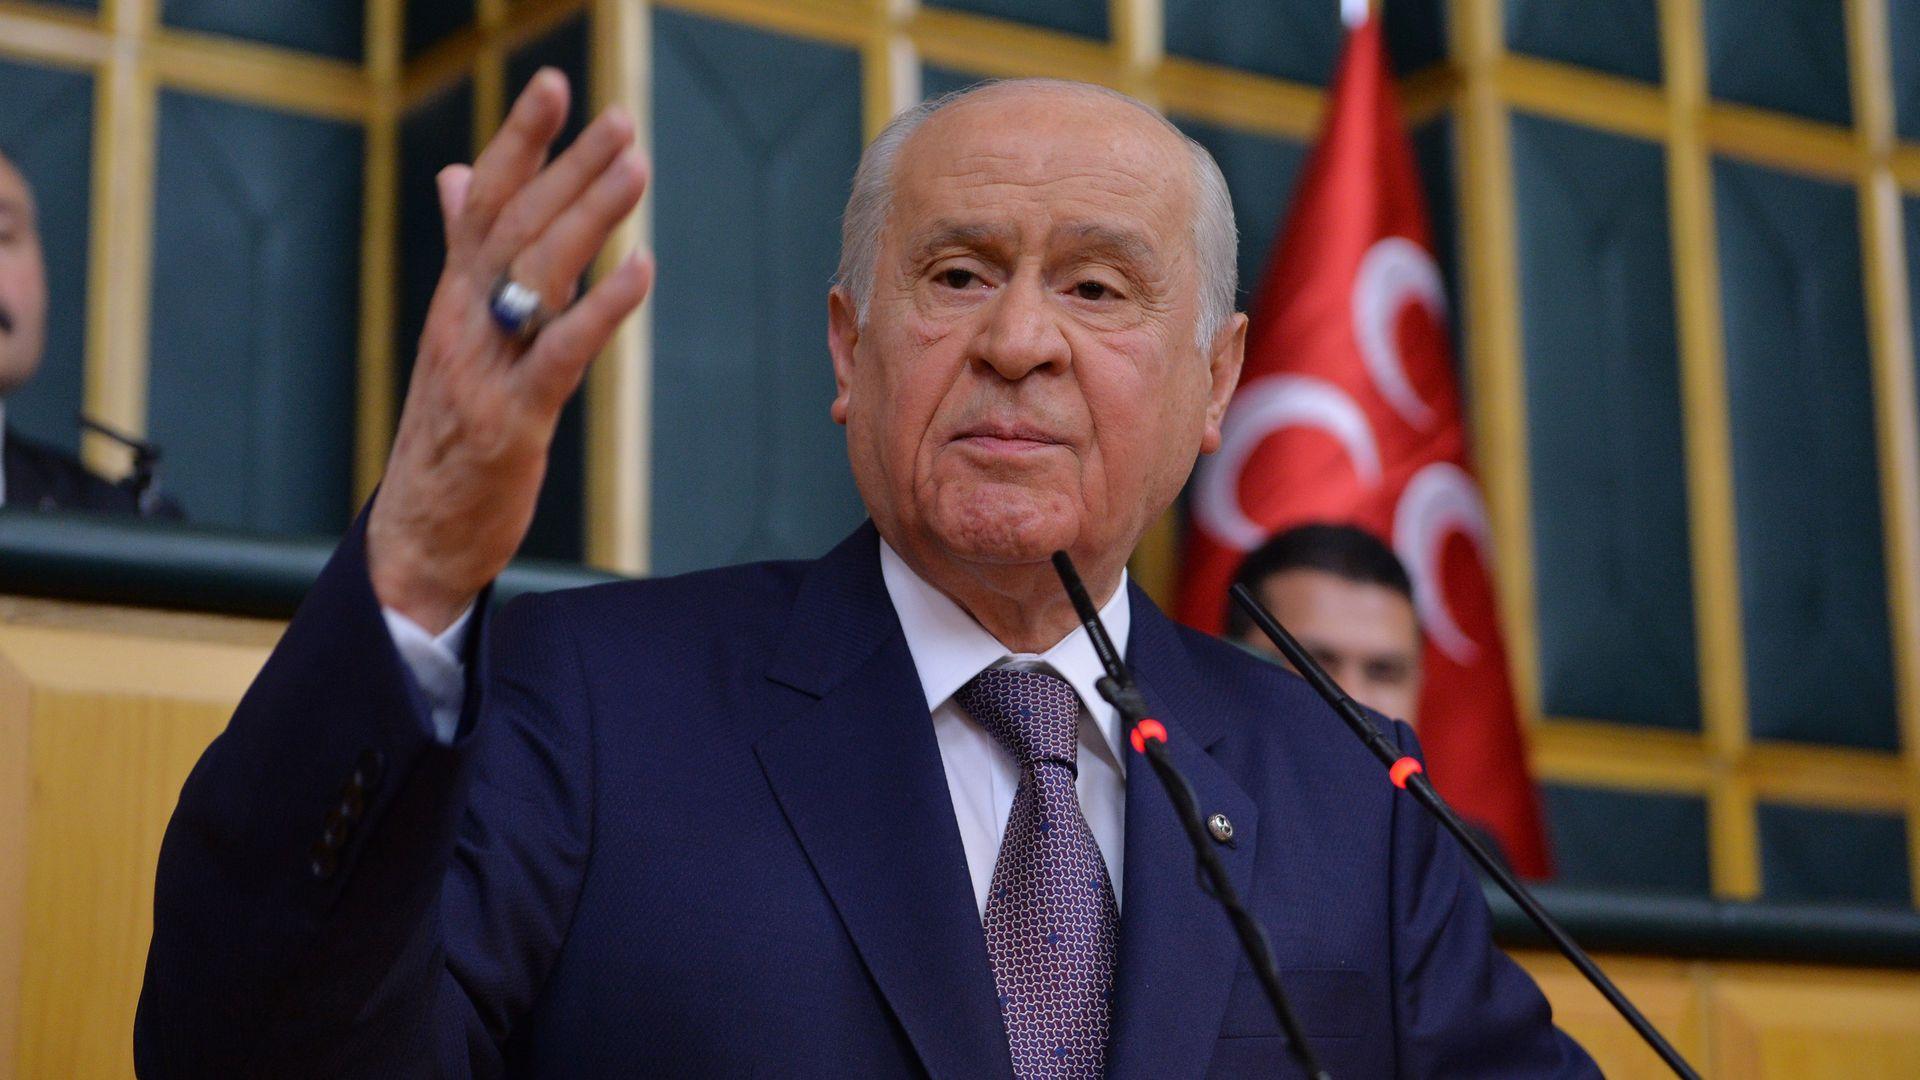 MHP Lideri Devlet Bahçeli Aşı Kararını Açıkladı! İlk Yaptıracaklar Arasında Yer Alacak